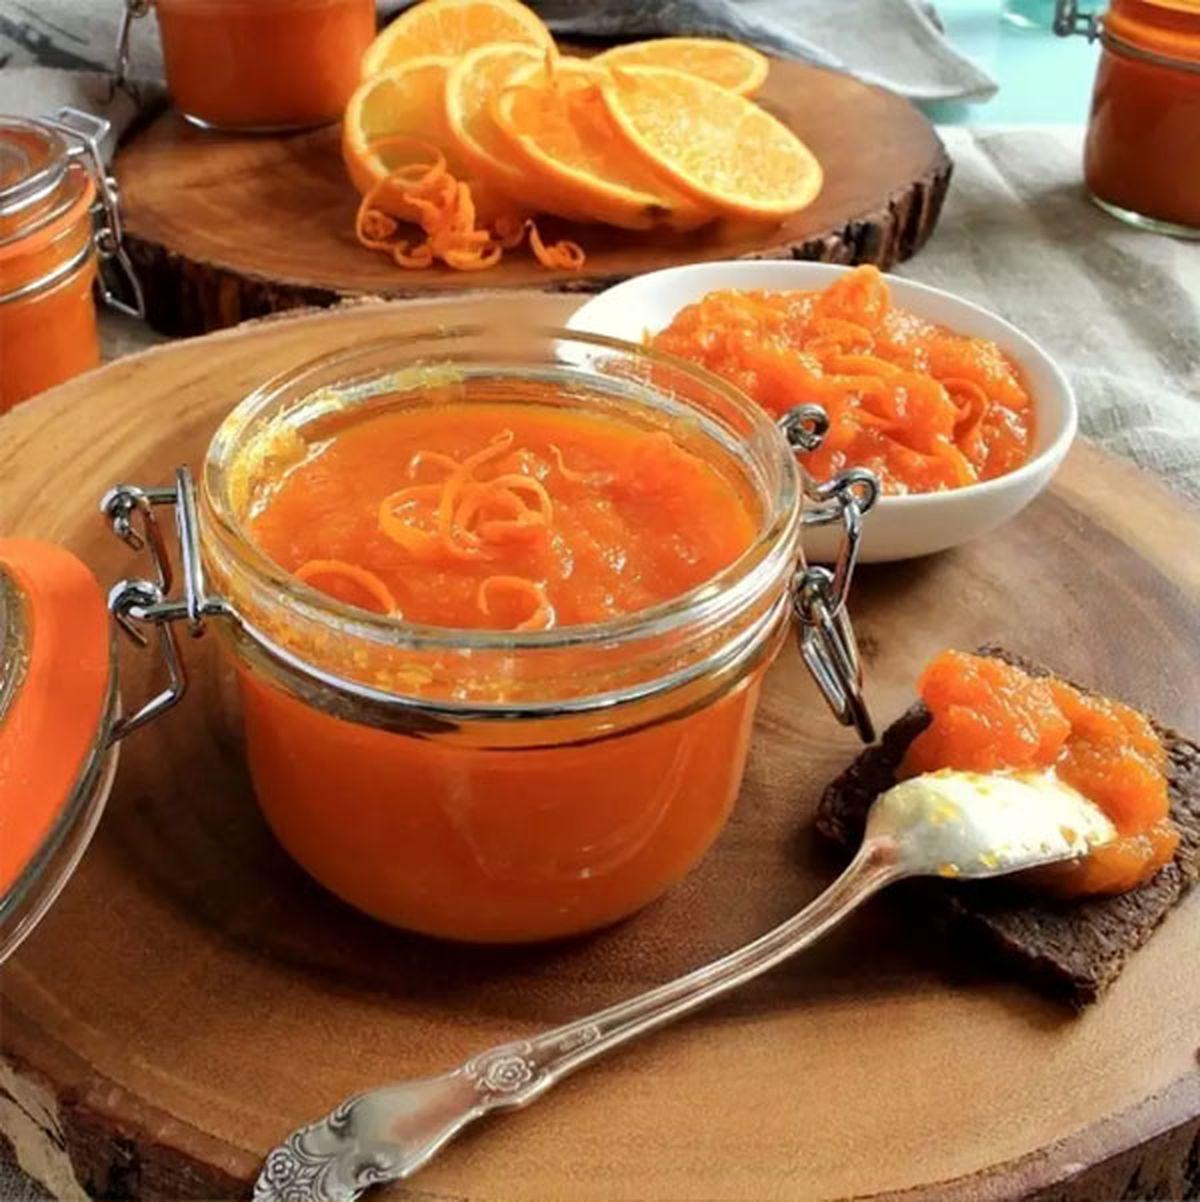 آموزش و طرز تهیه مربای هویج خانگی بسیار خوشمزه